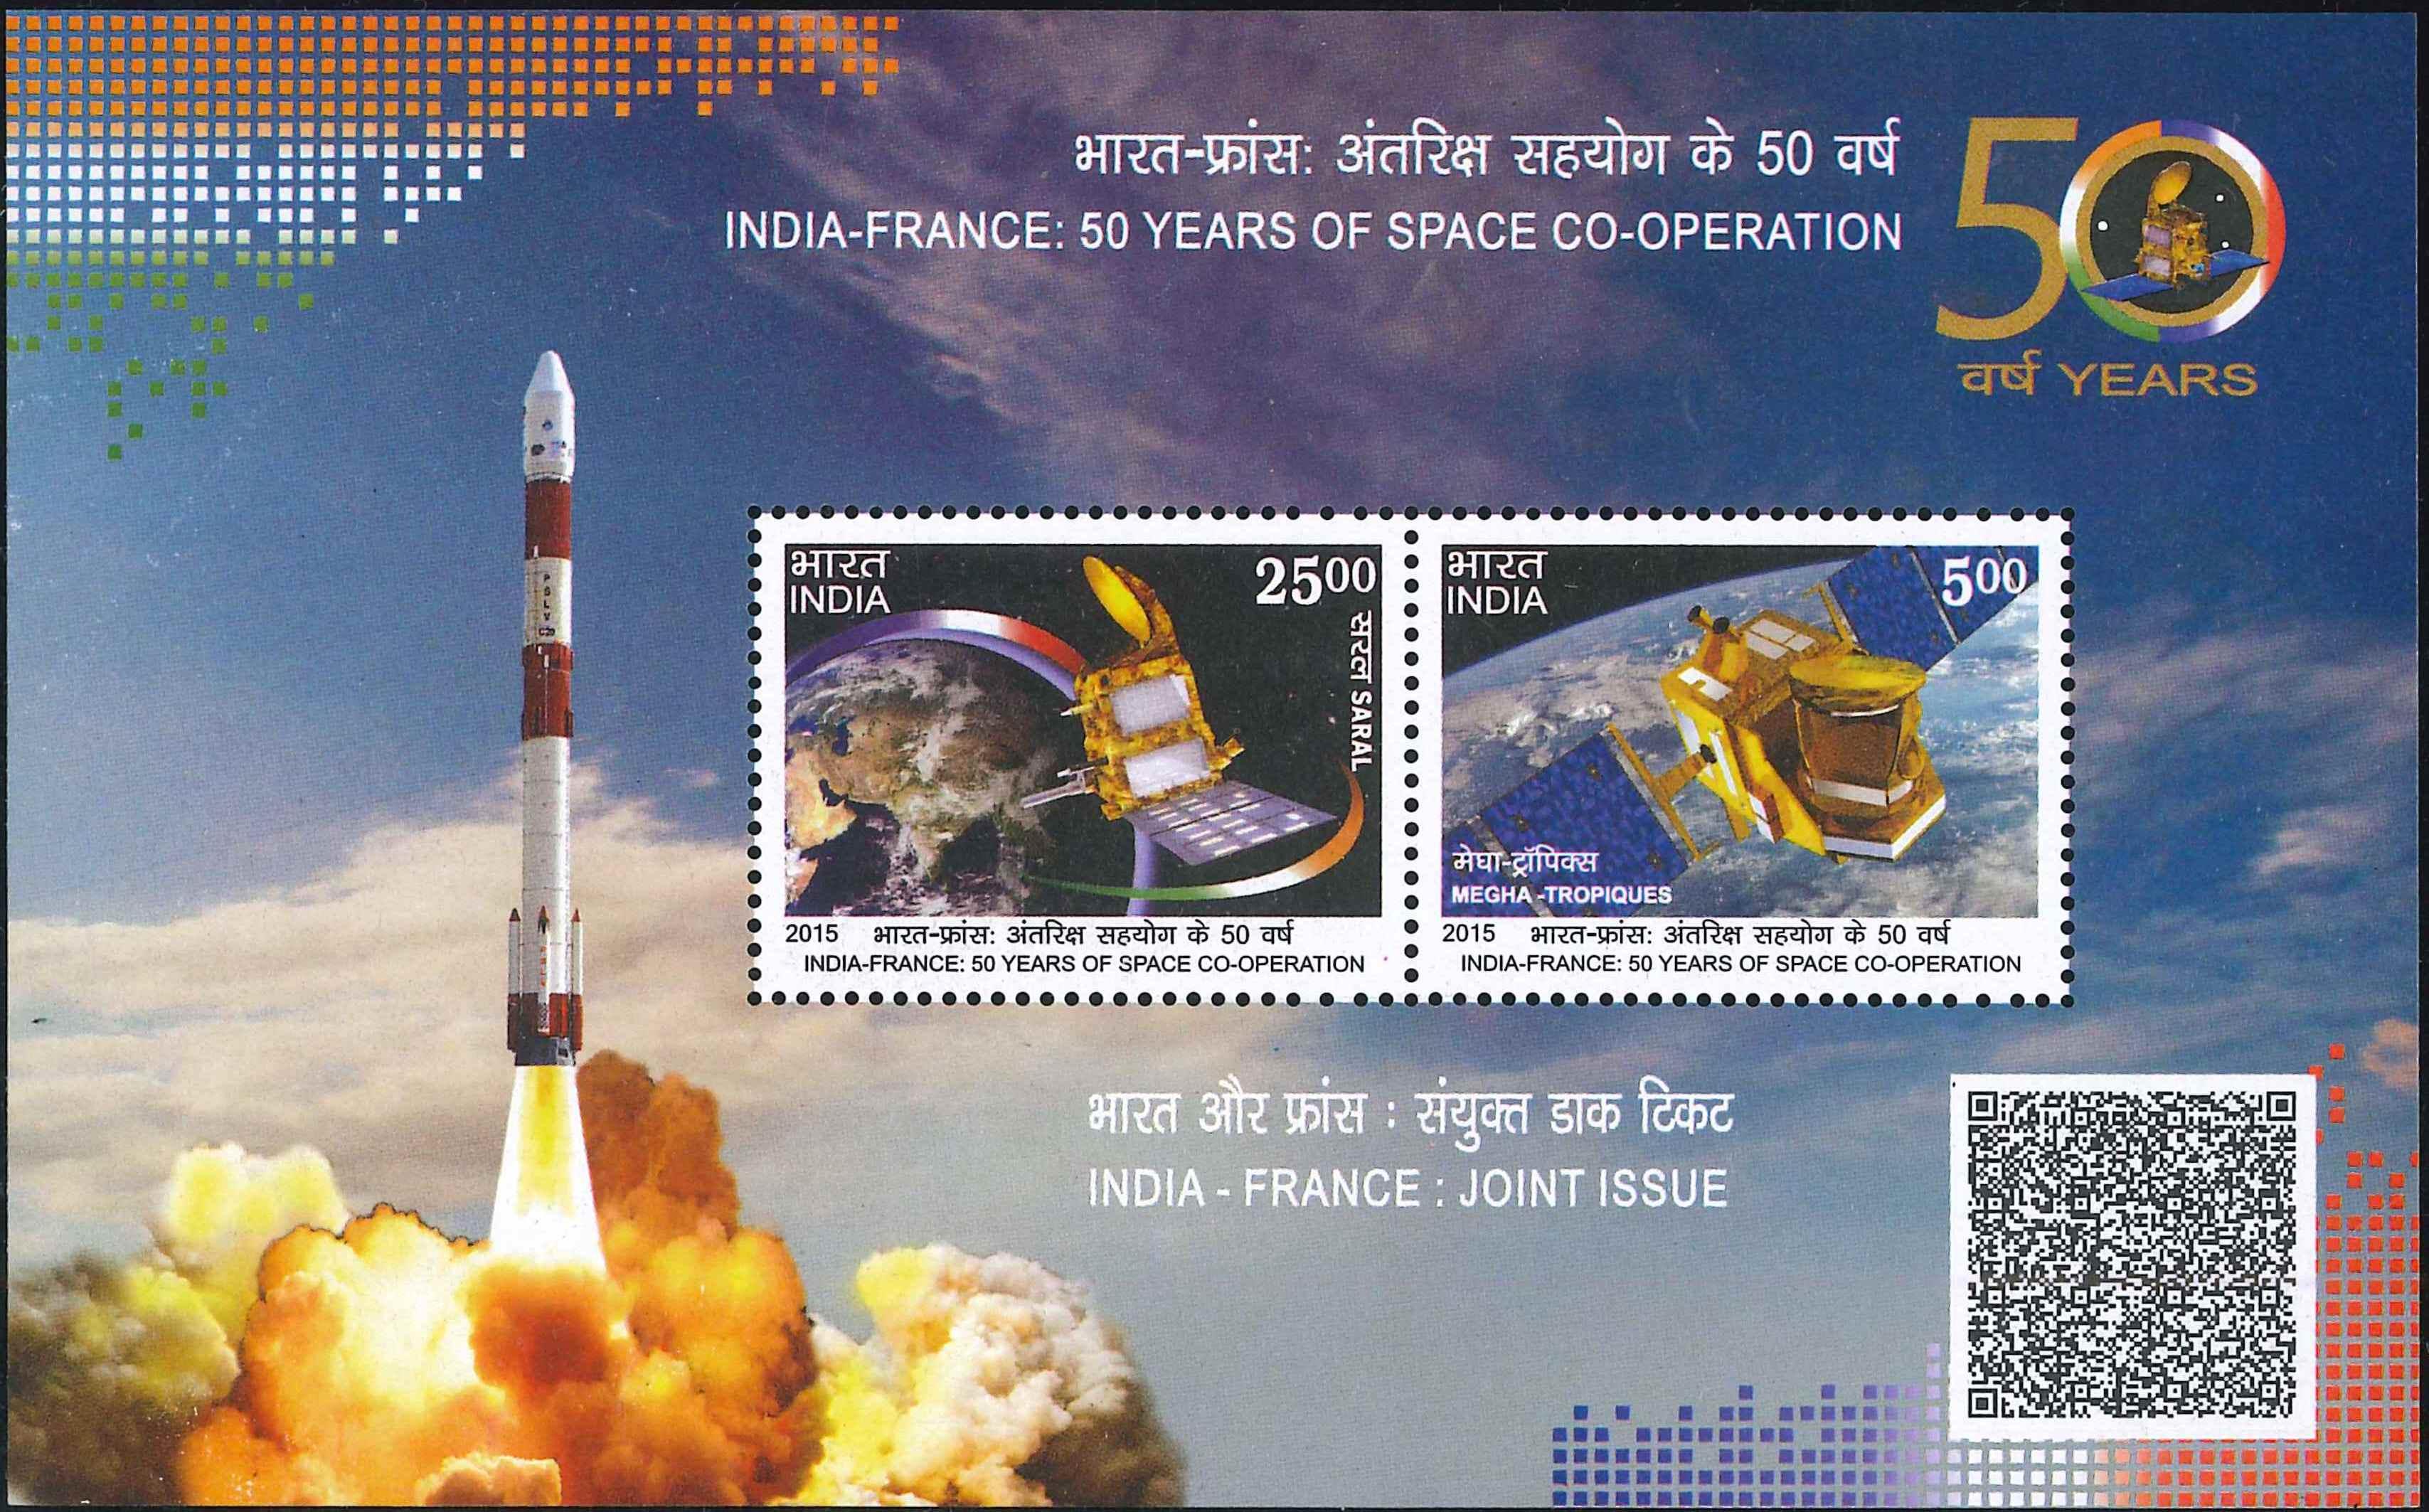 Megha-Tropiques and SARAL (Satellite with ARgos & ALtiKa)